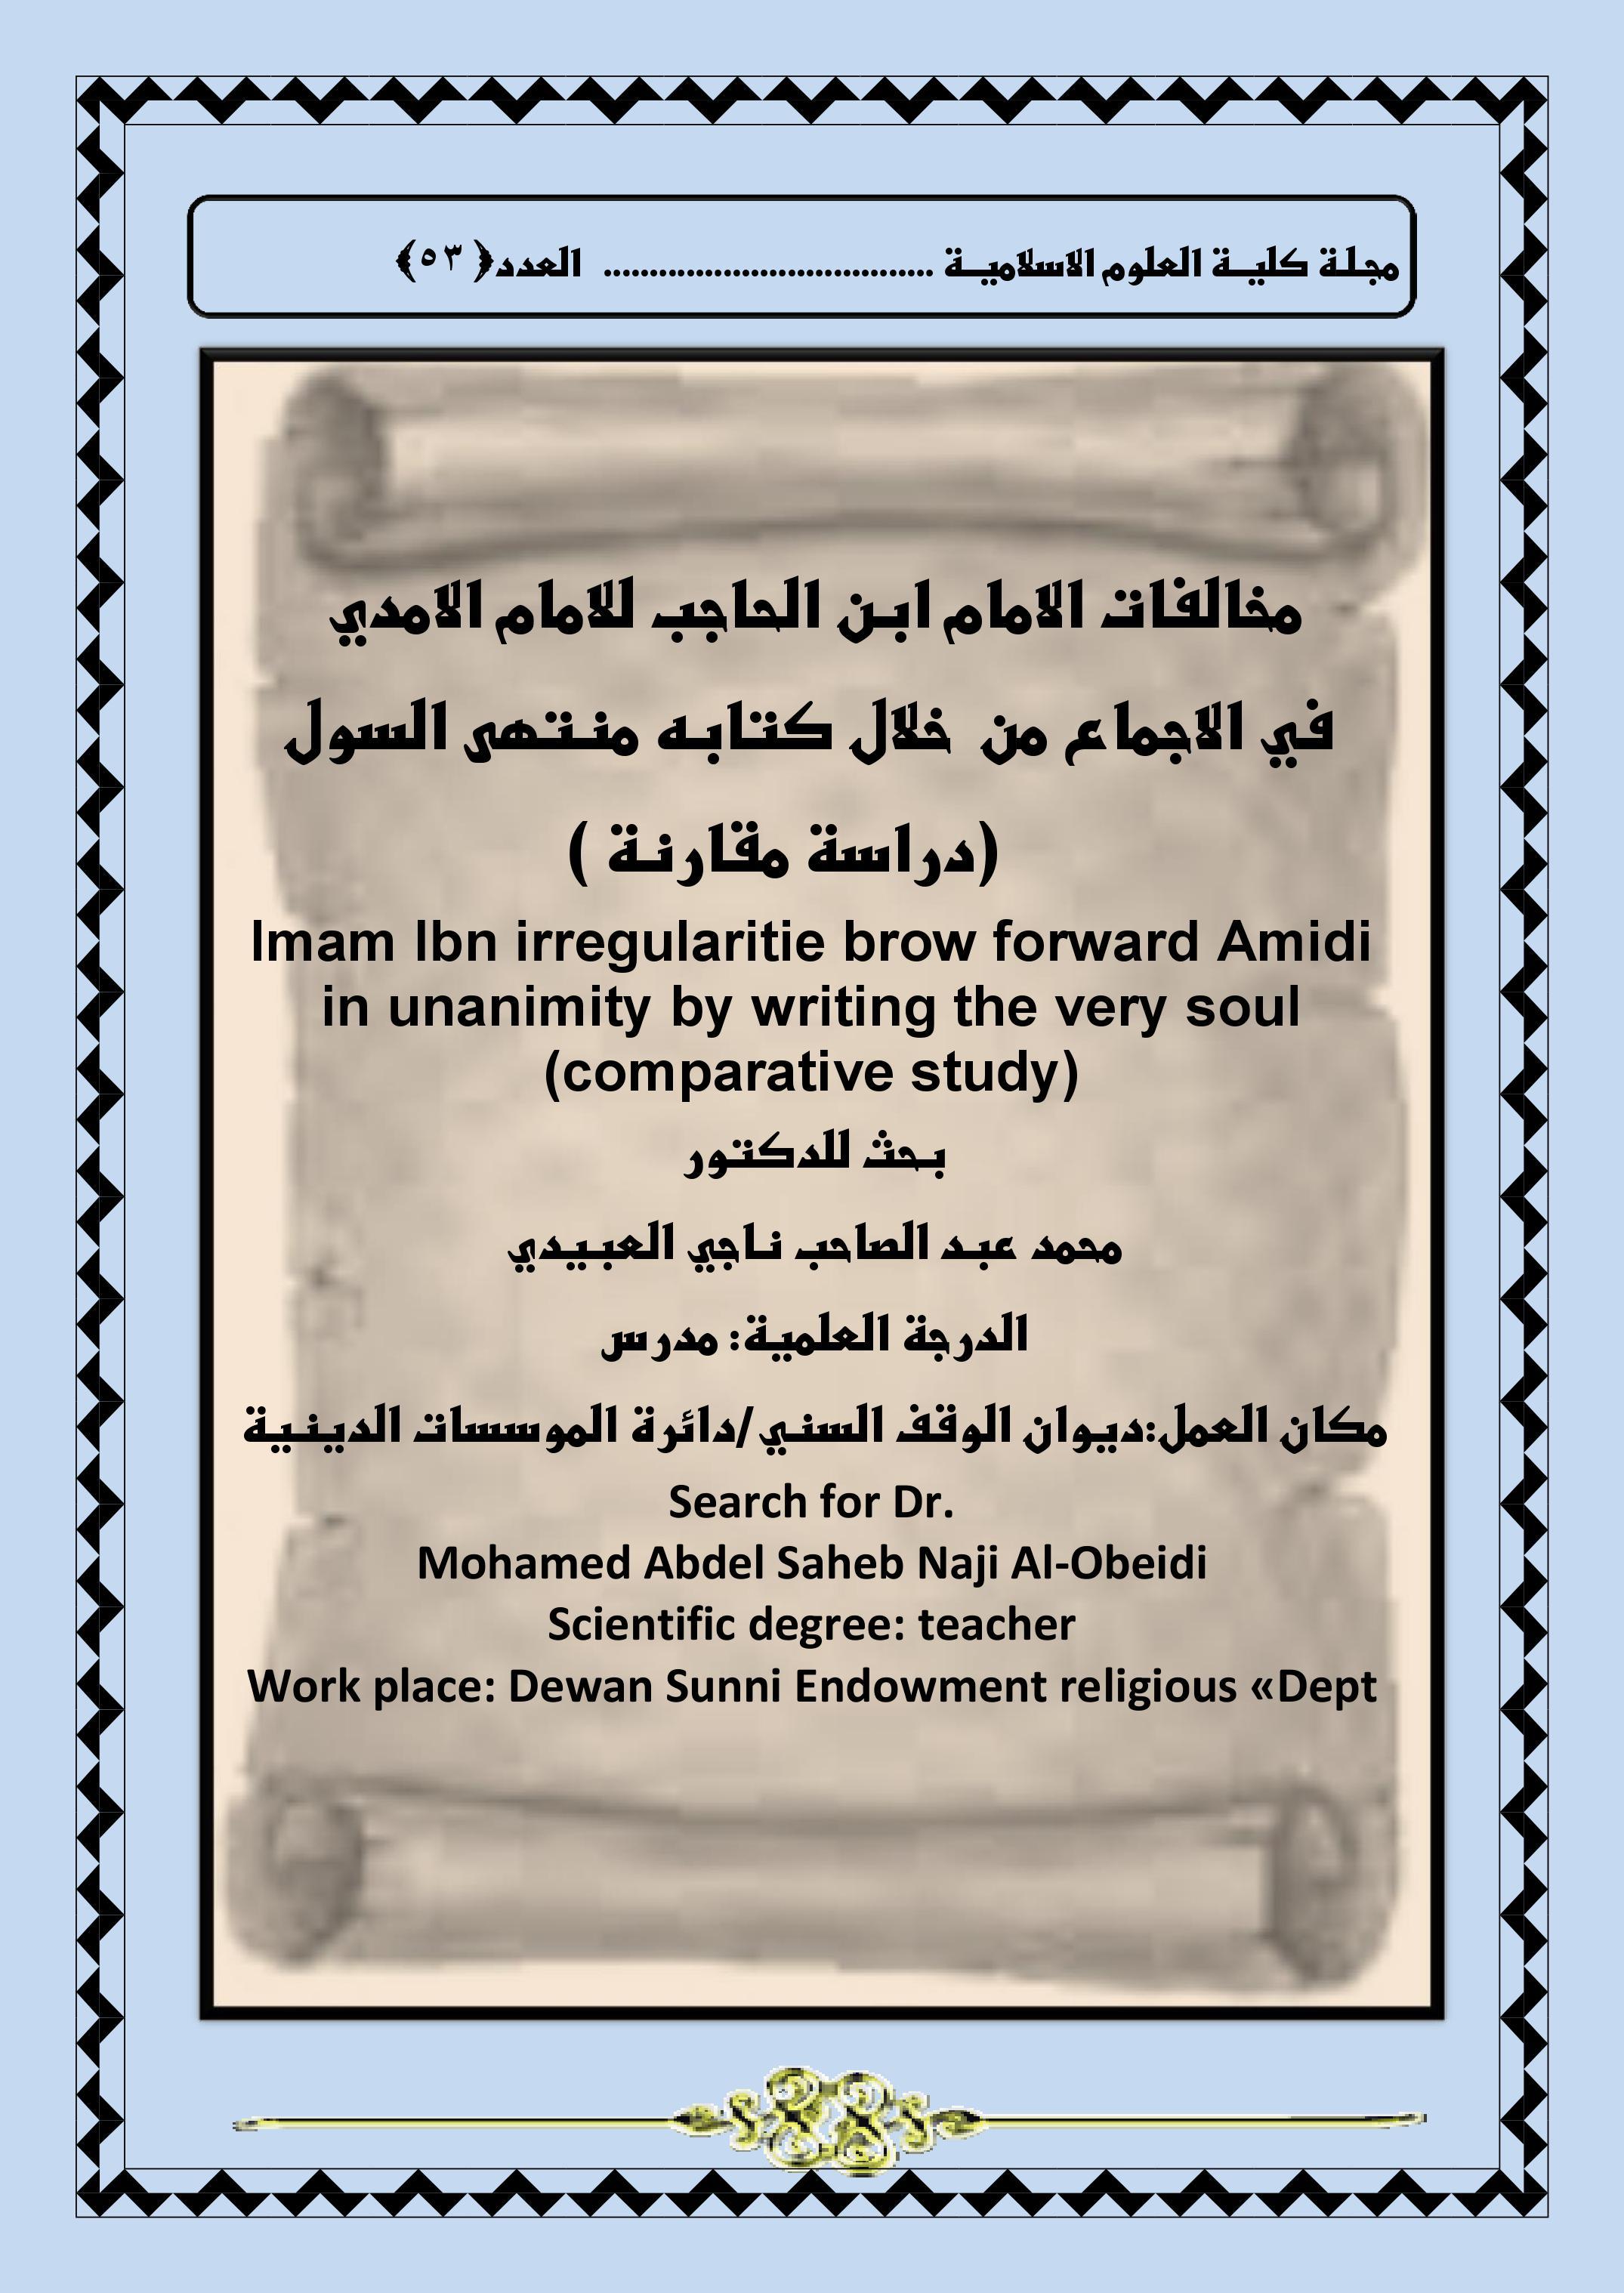 مخالفات الامام ابن الحاجب للامام الامدي  في الاجماع من  خلال كتابه منتهى السول             (دراسة مقارنة )